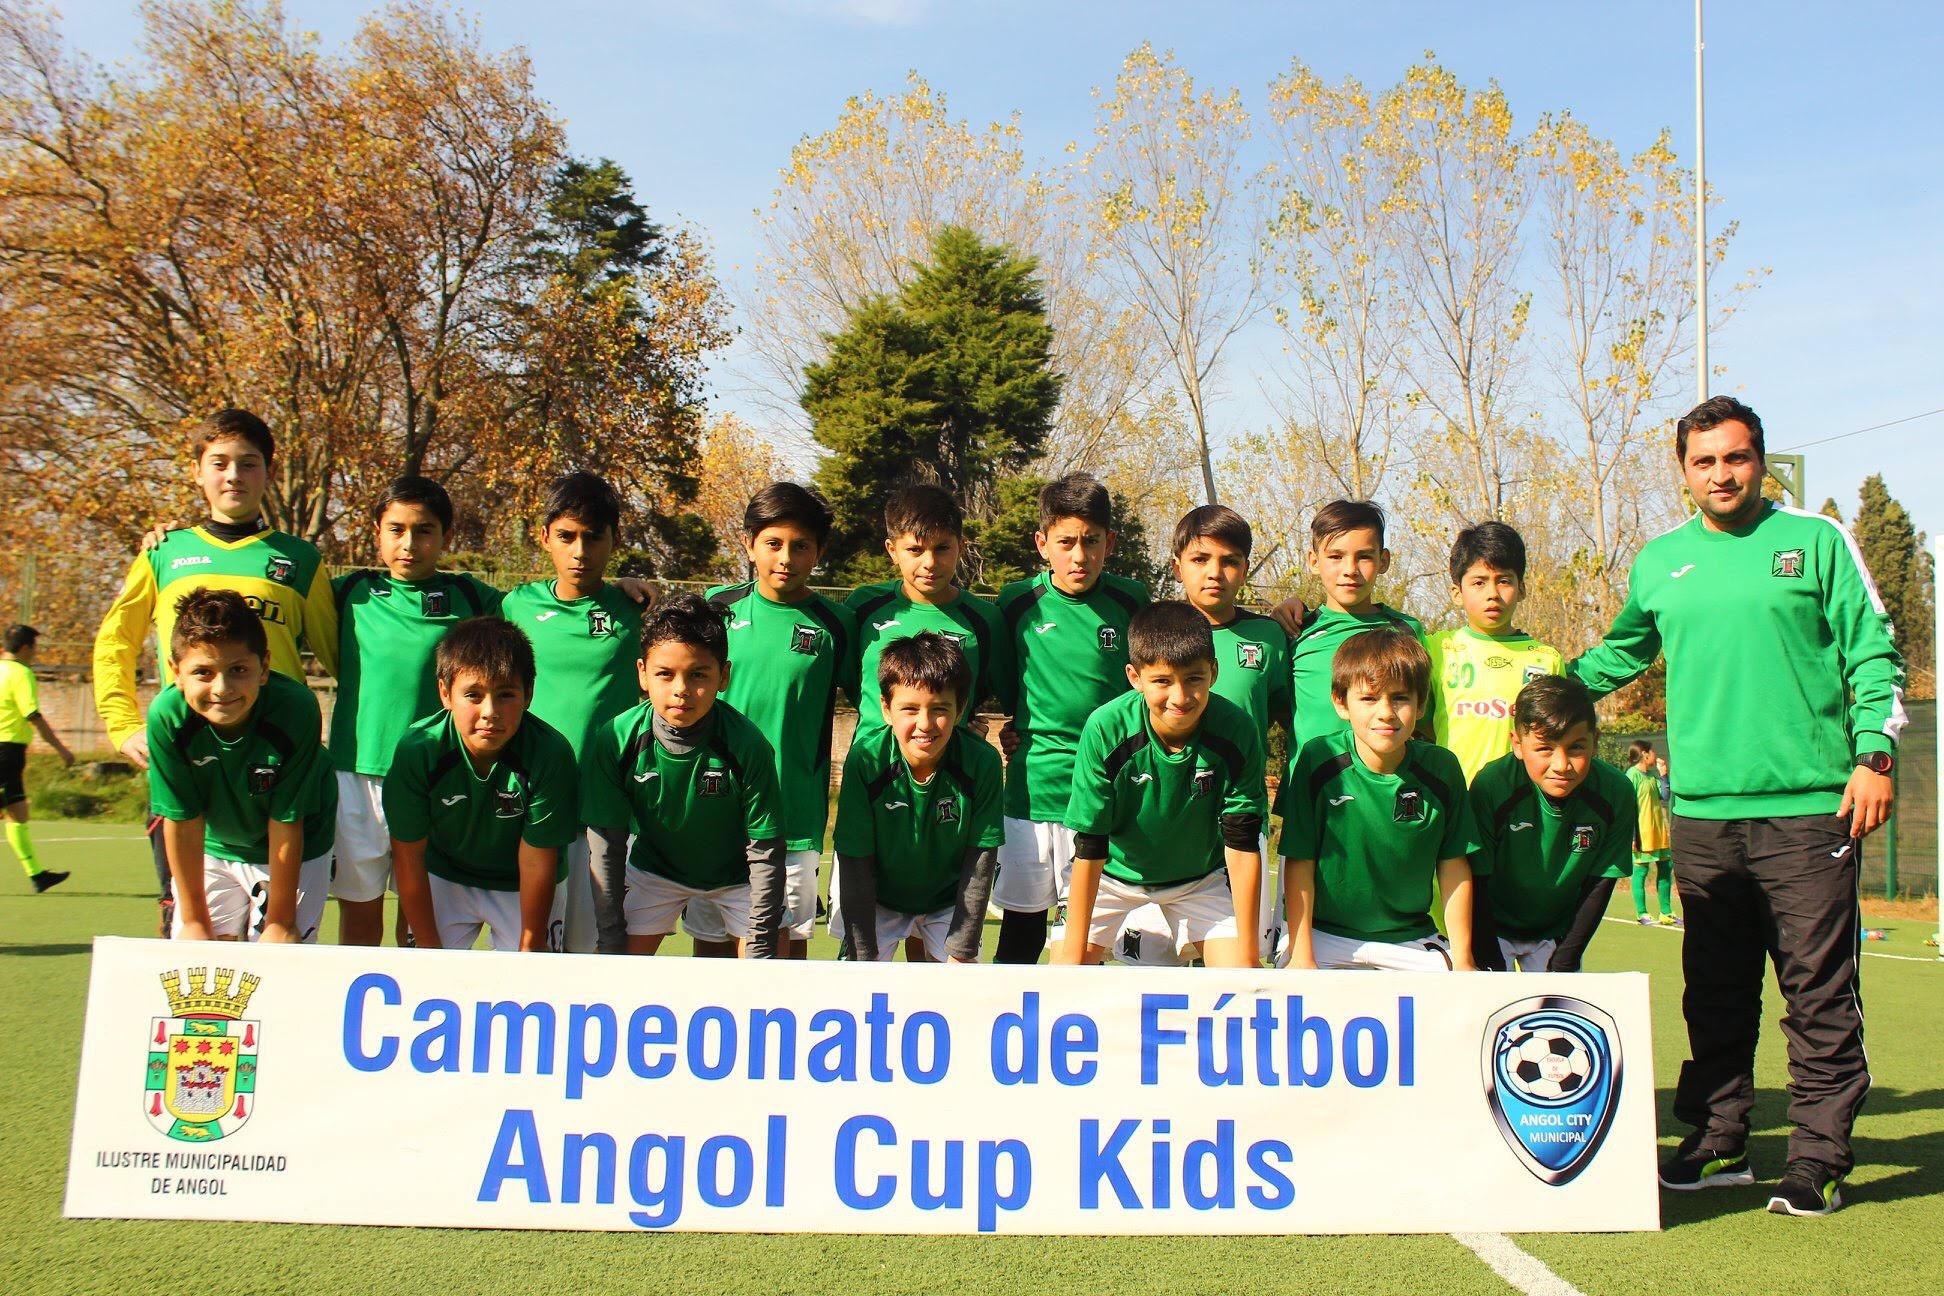 ESCUELA FORMATIVA ALBIVERDE PARTICIPO ANGOL CUP 2018